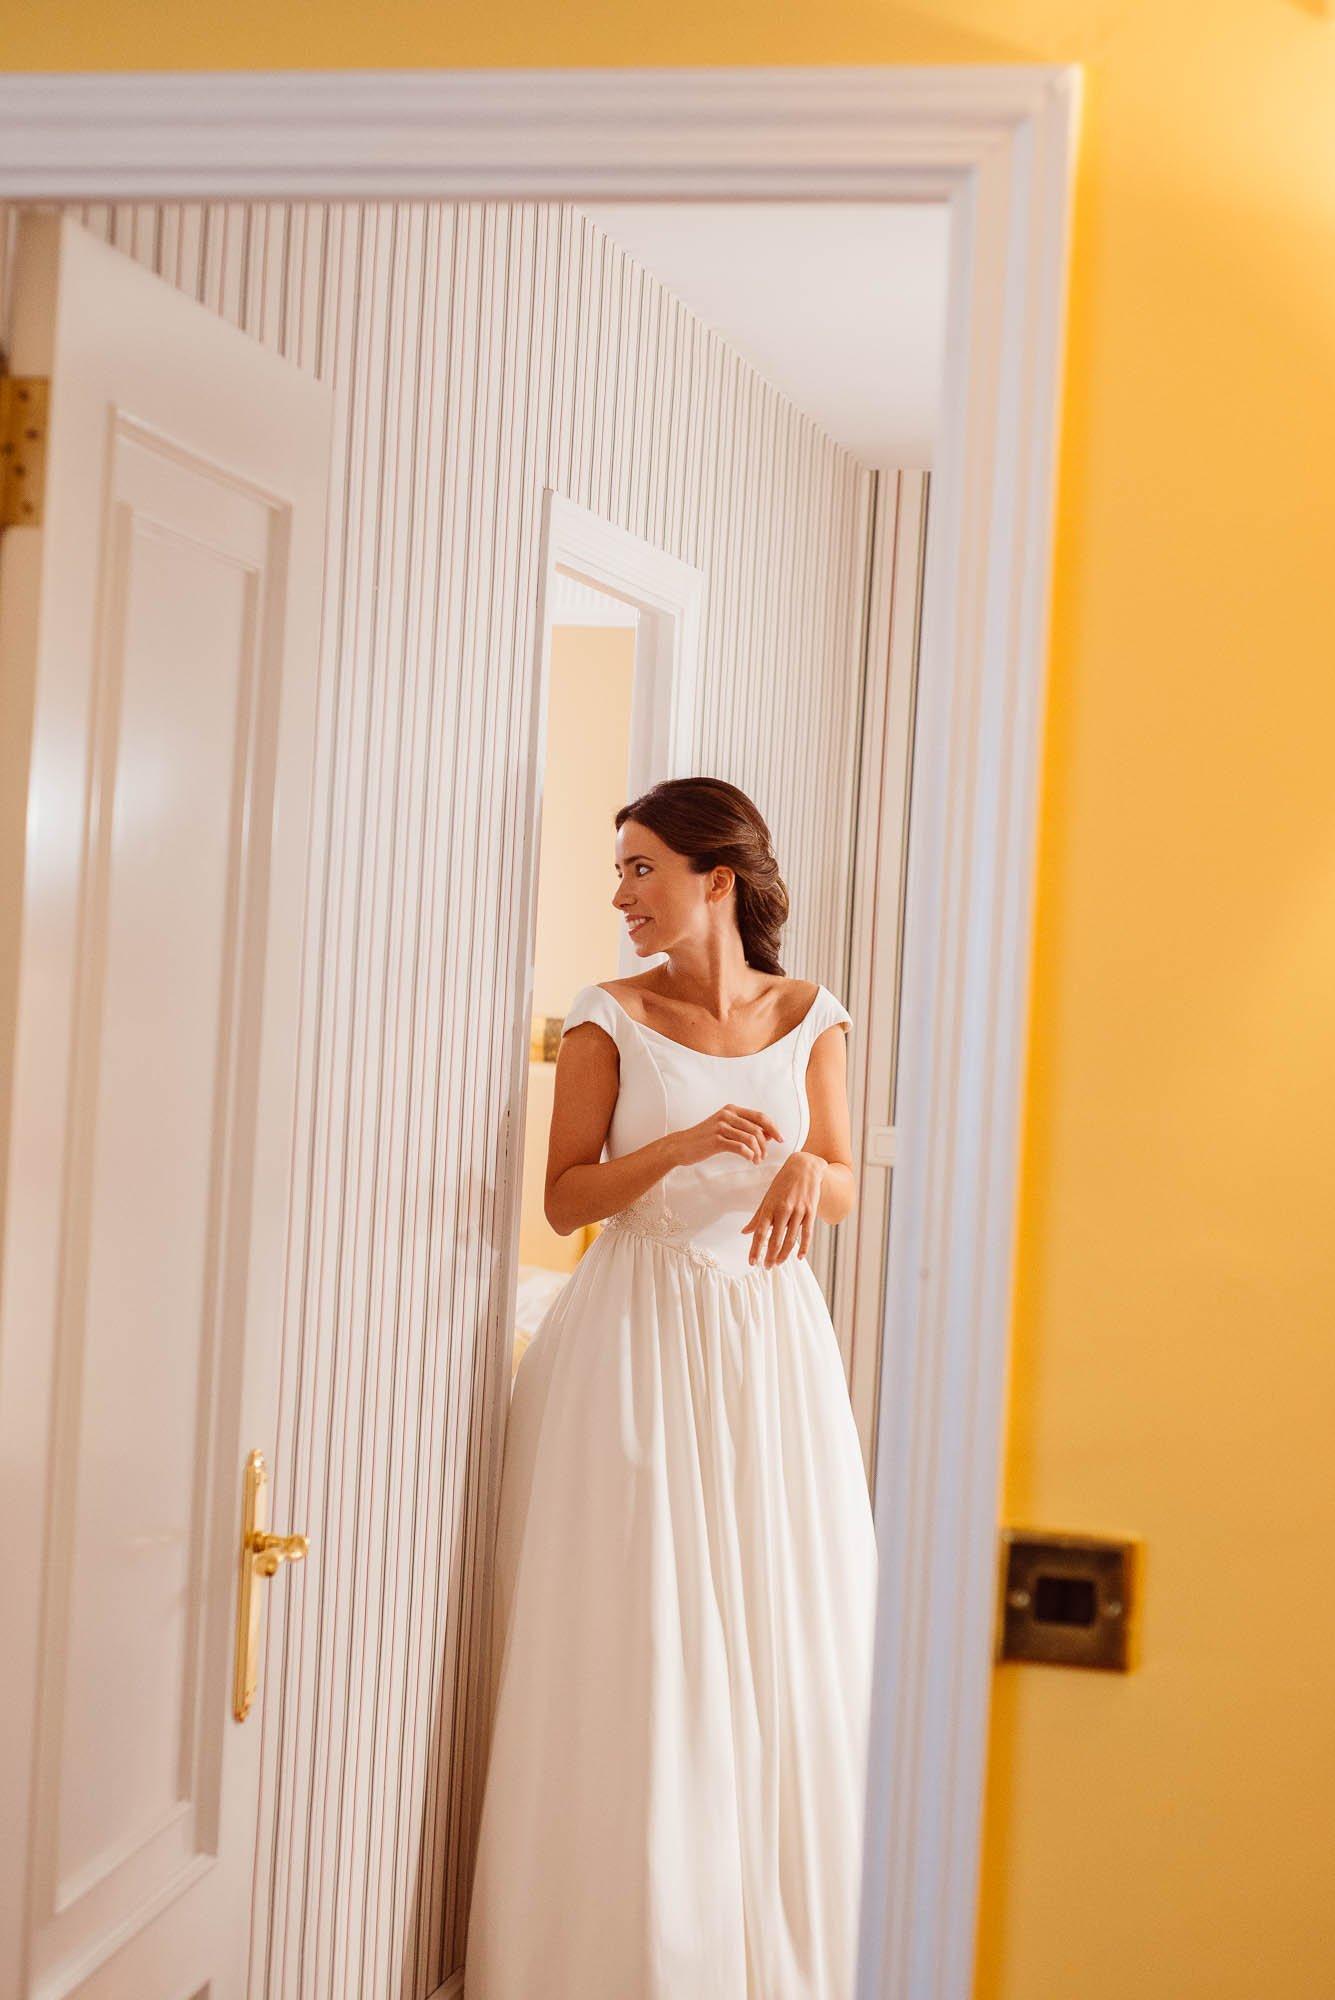 La novia se mira al pes pero el dia de la boda